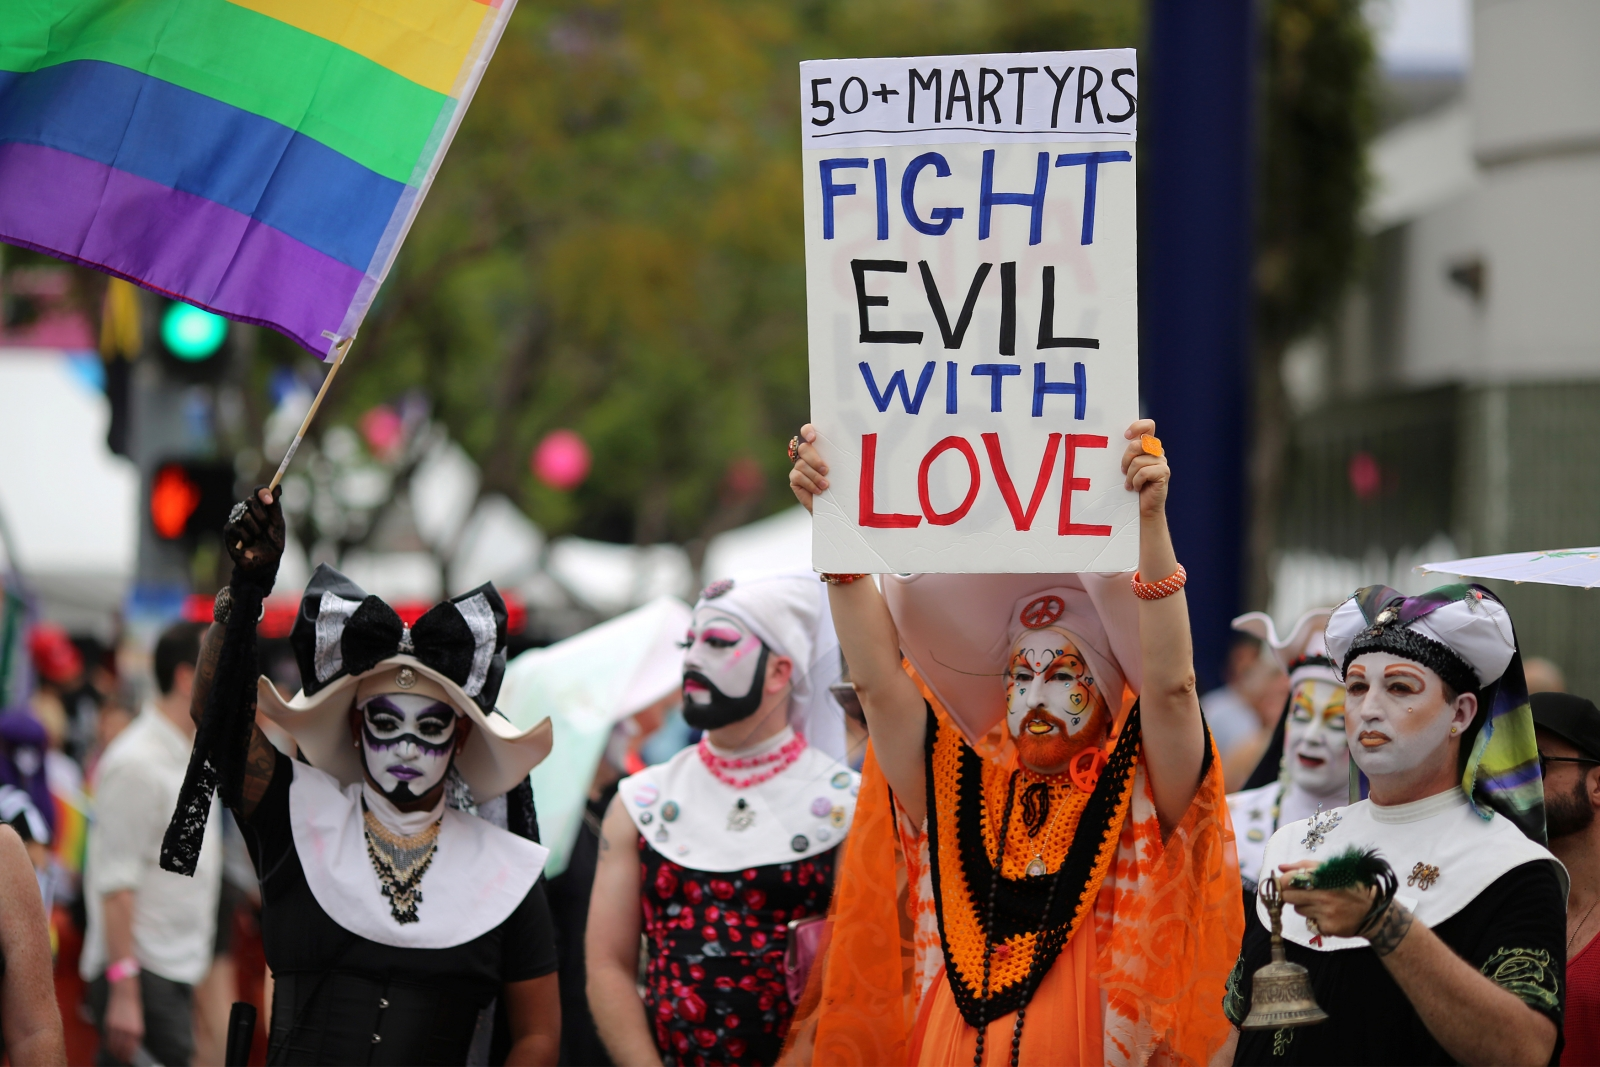 Los Angeles Pride